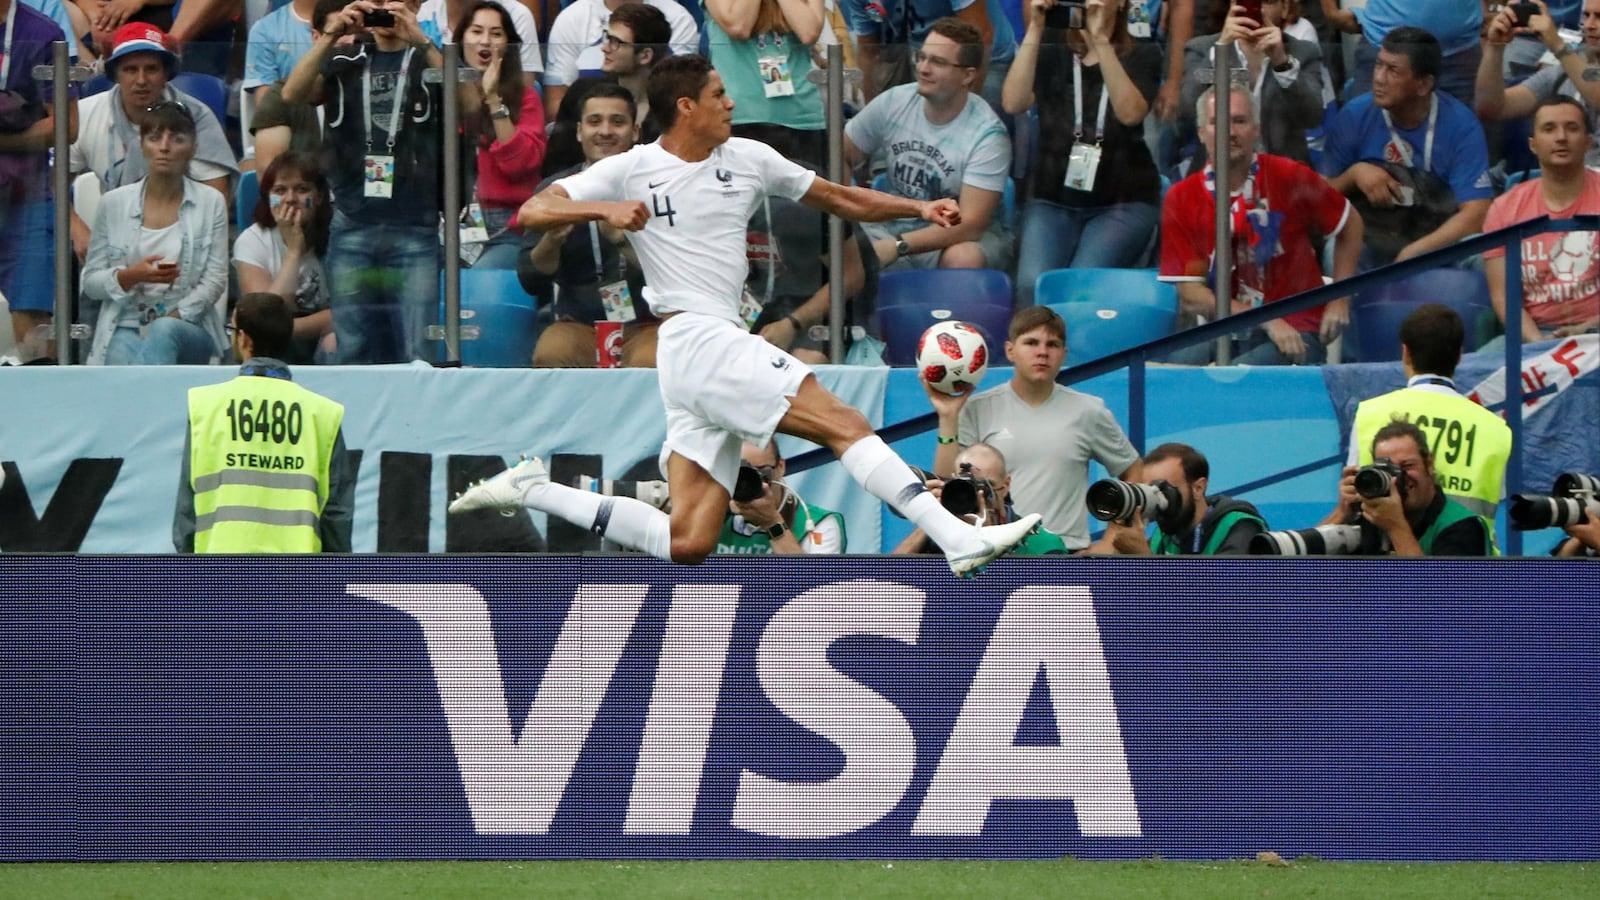 La marque VISA est affichée sur la bordure du terrain de soccer d'un stade.